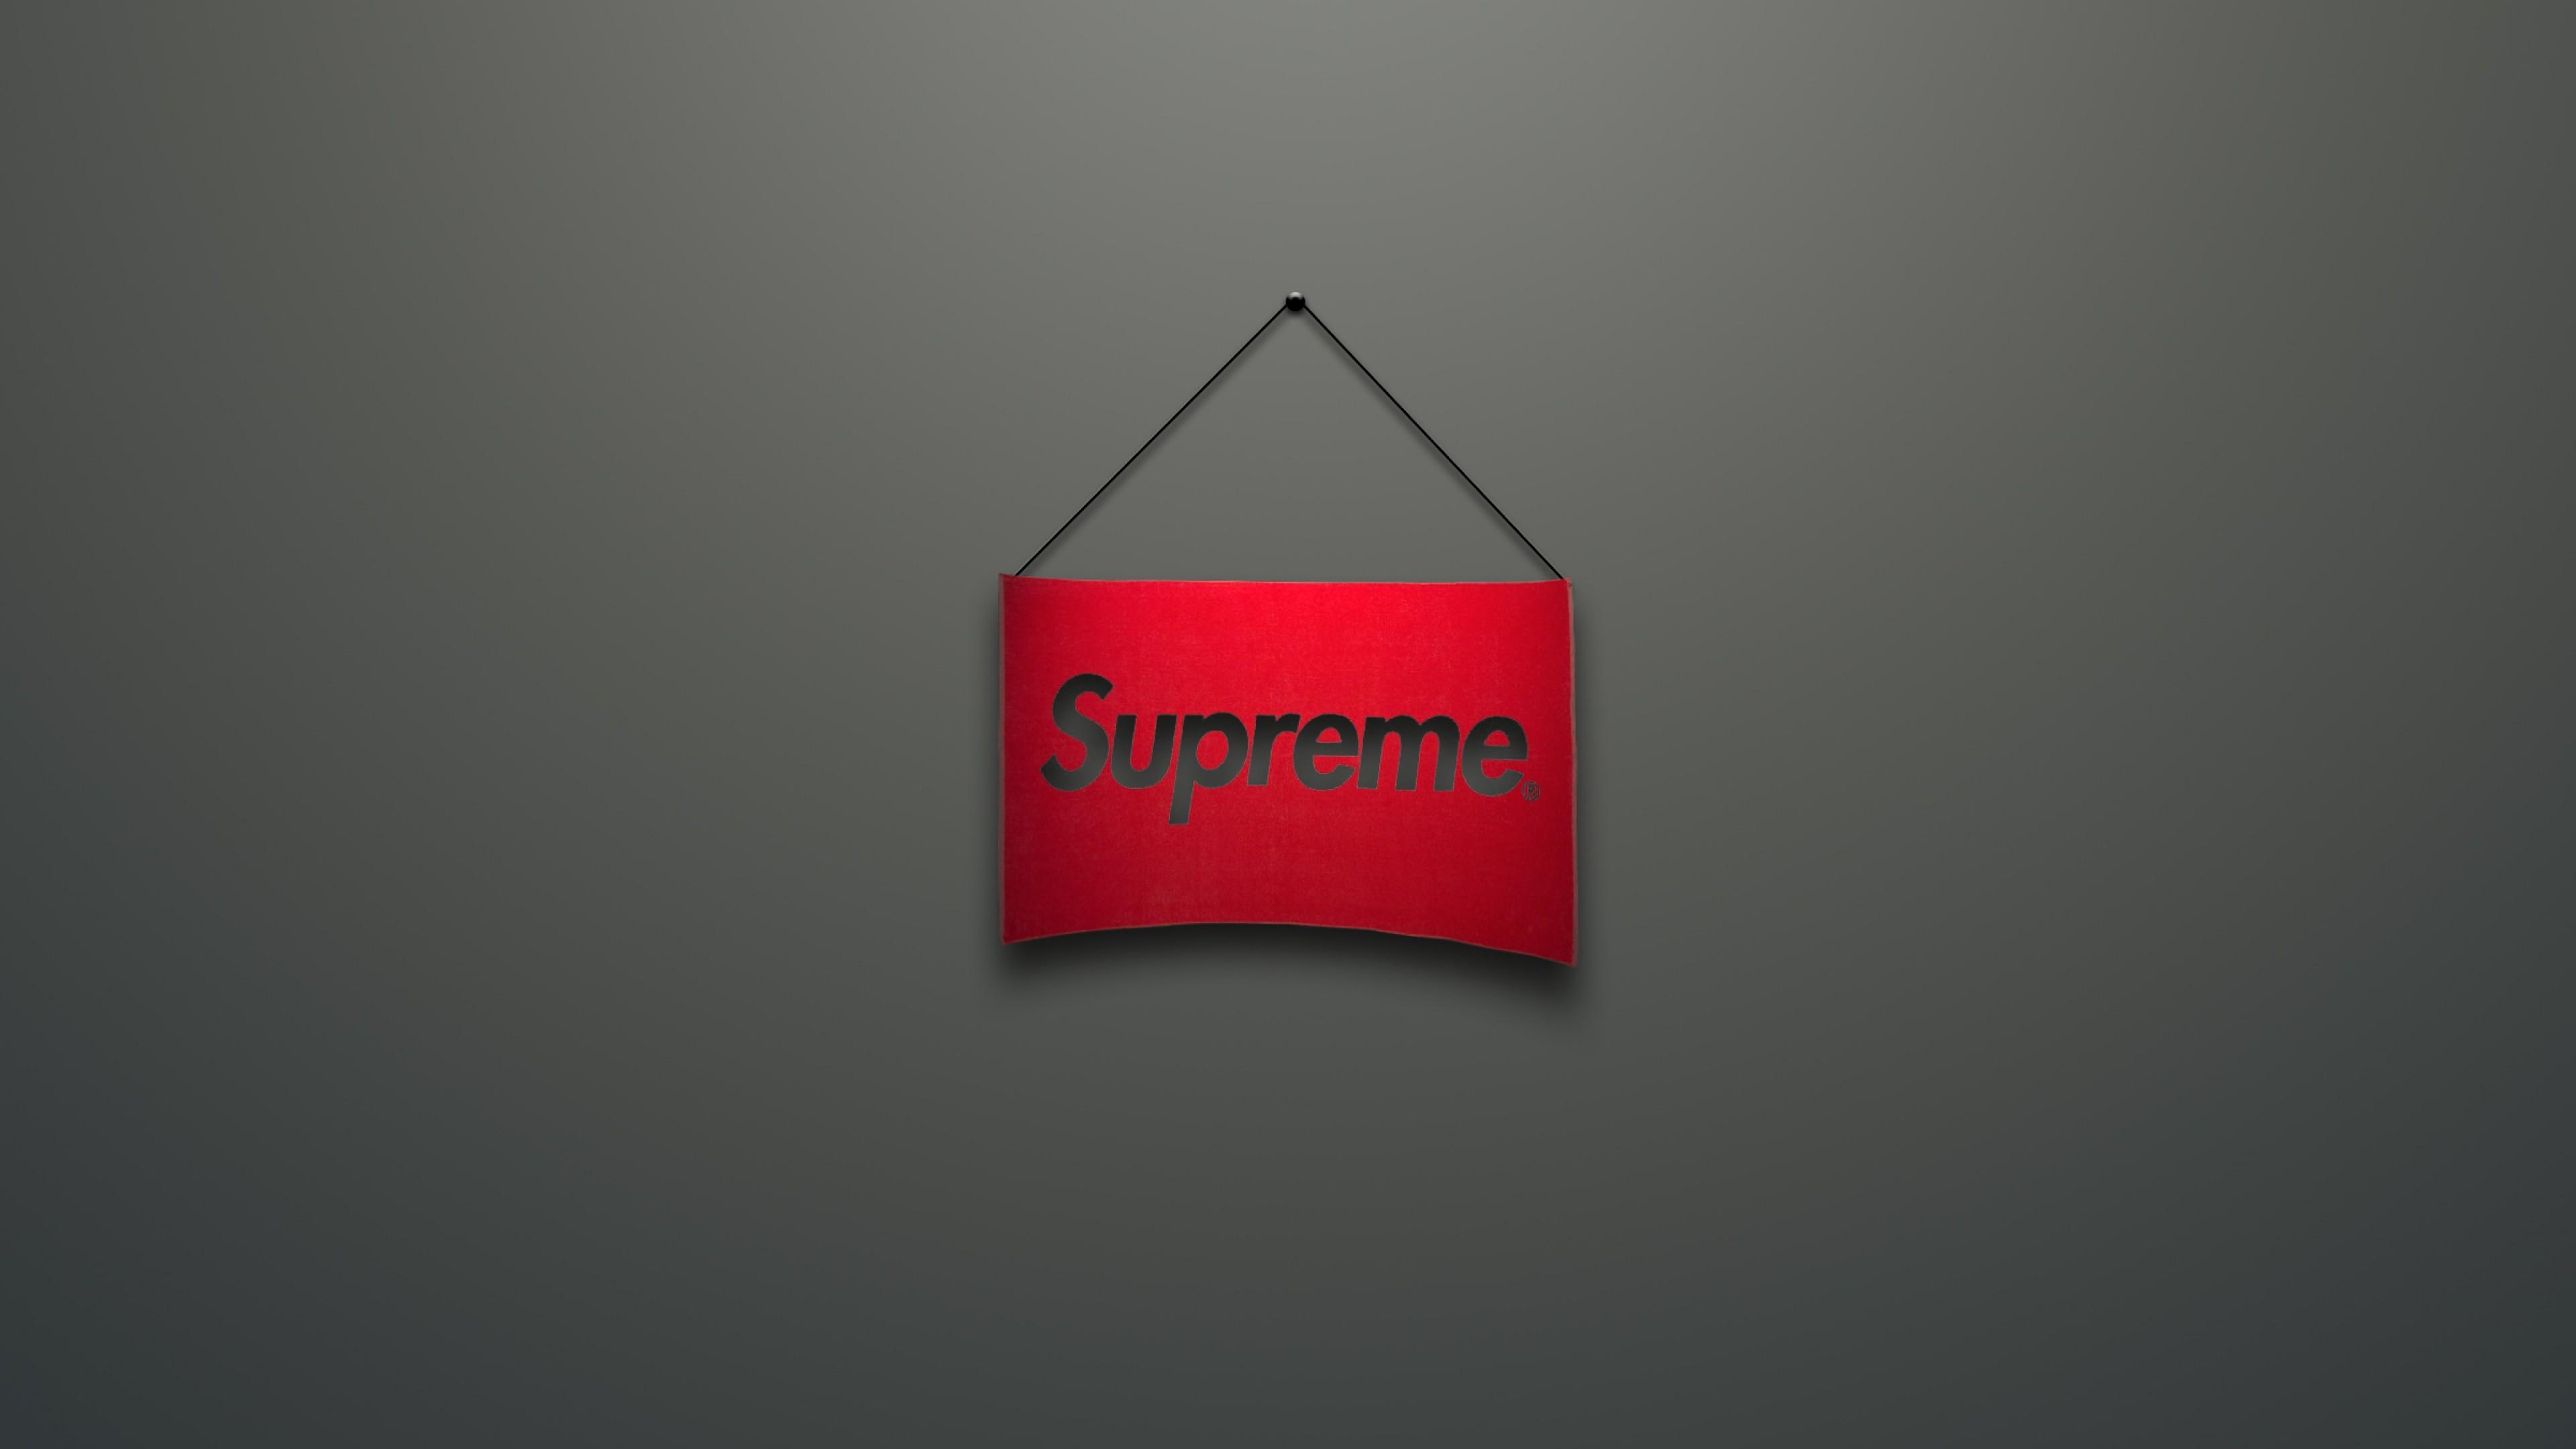 Wallpaper supreme, logo, red, minimalism